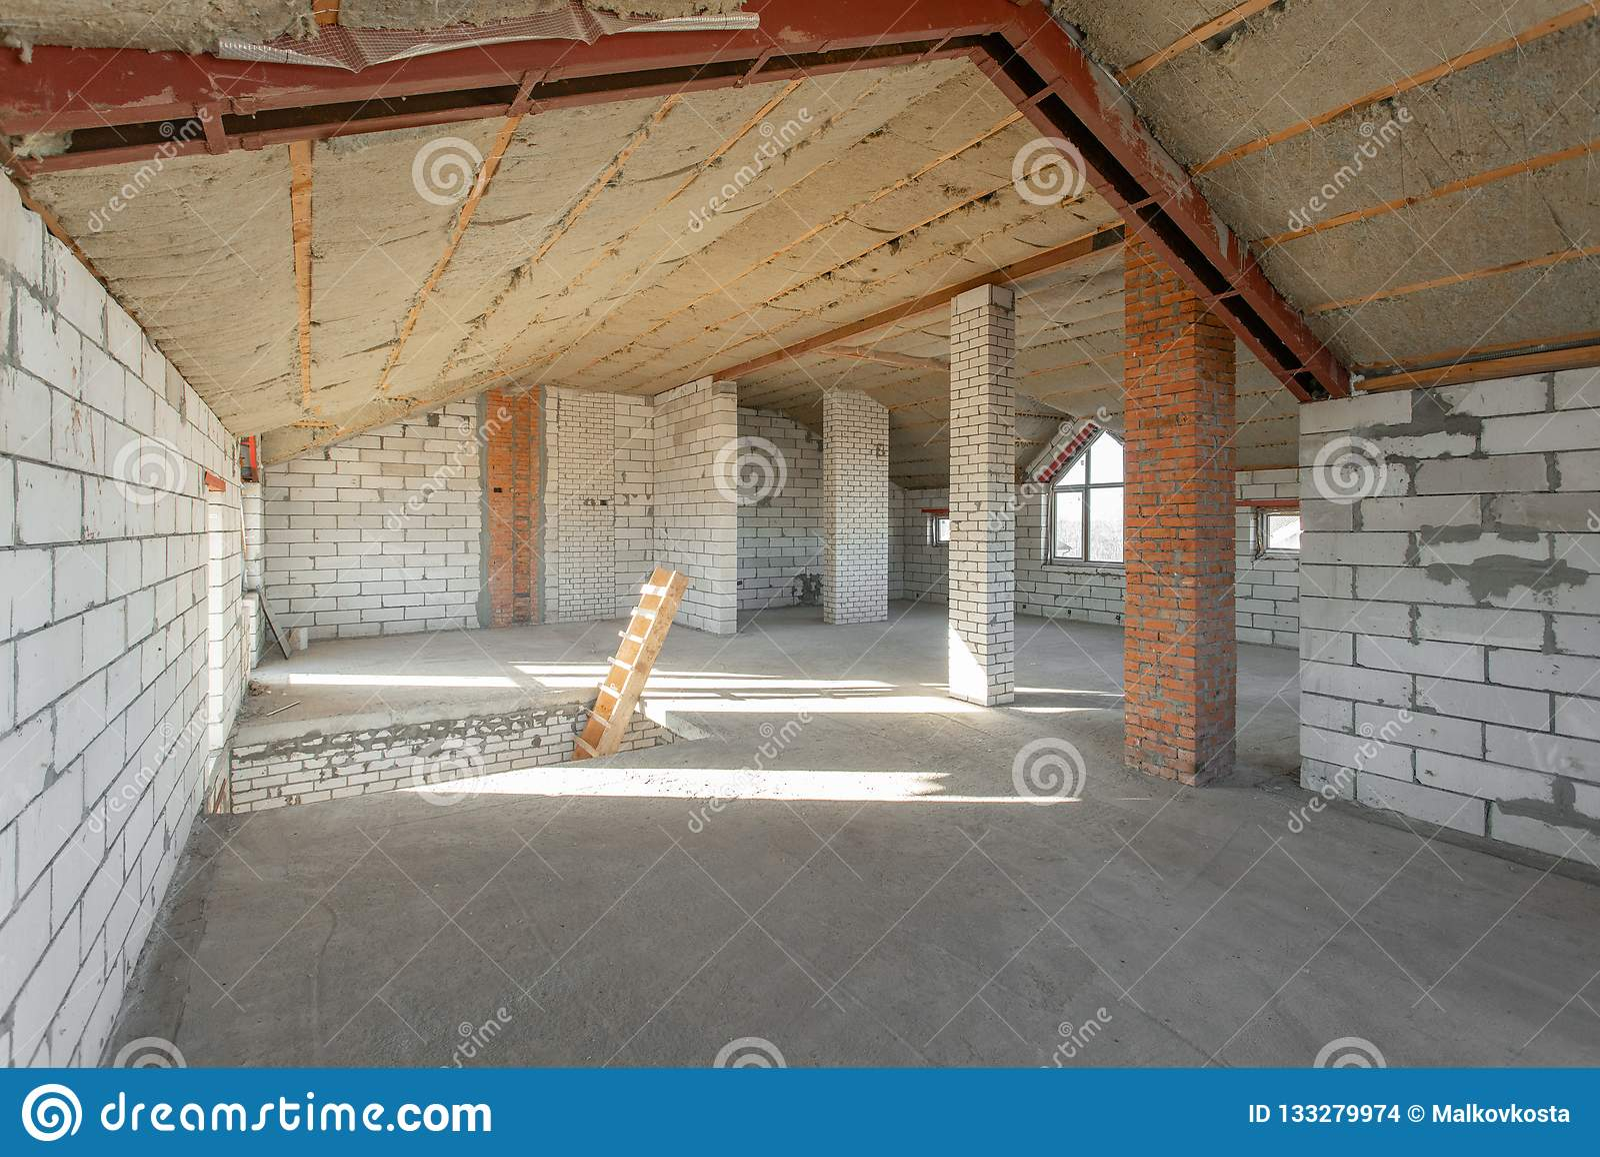 Loftgolv av huset genomgång och rekonstruktion Arbetande process av att värme inom delen av taket hus eller